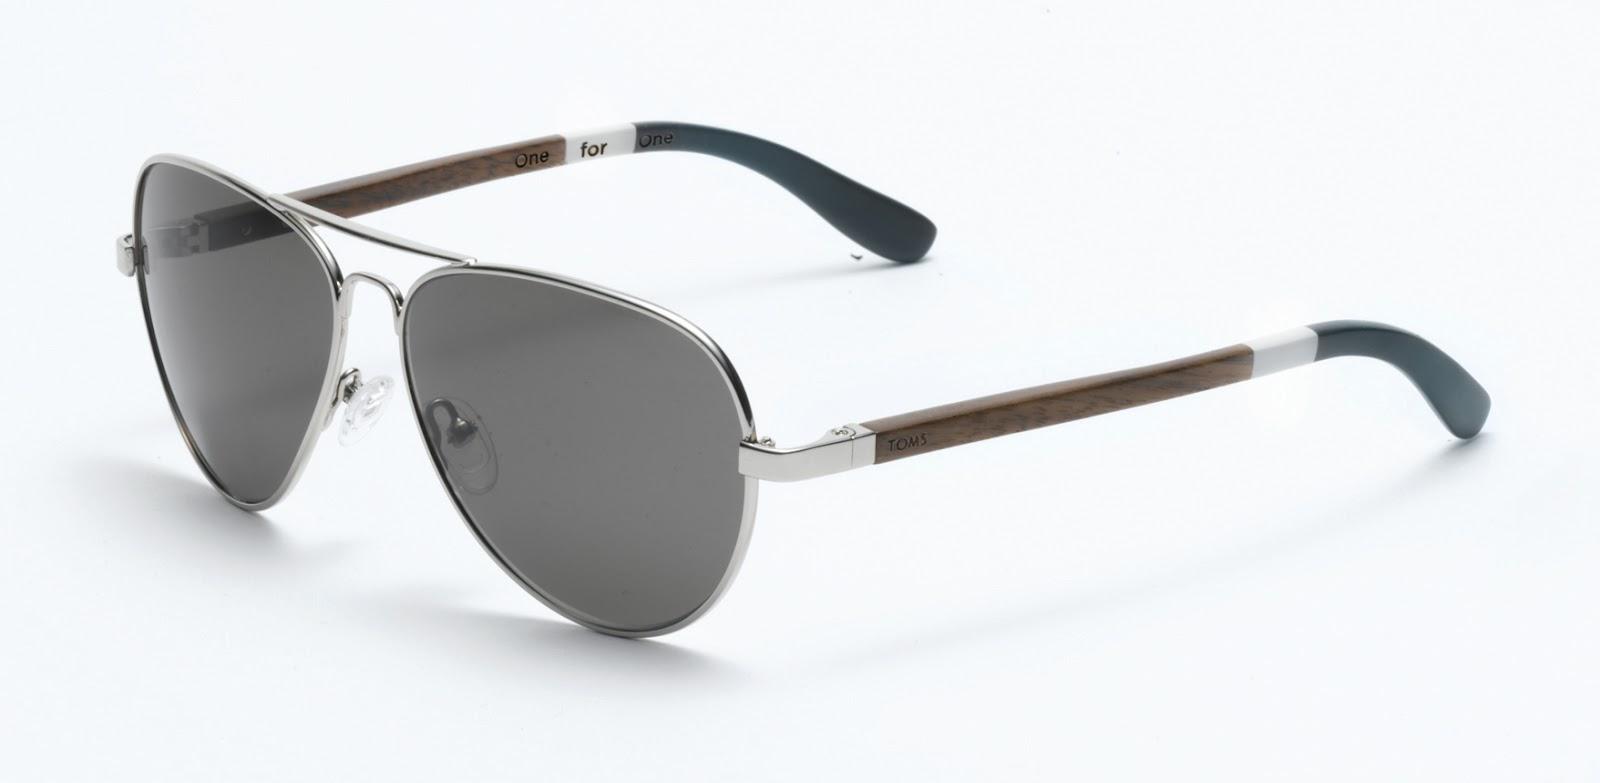 Joe Brand: TOMS Sunglasses at JOE BRAND